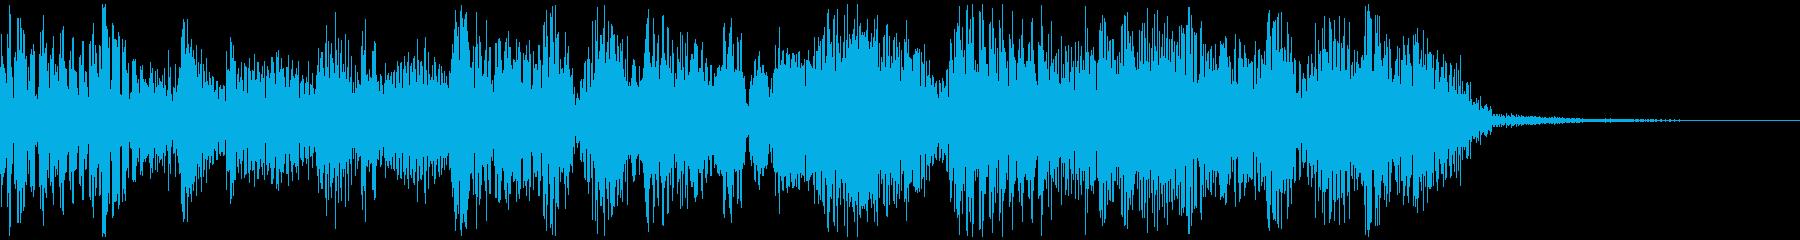 ビートと優しいシンセのジングルBの再生済みの波形